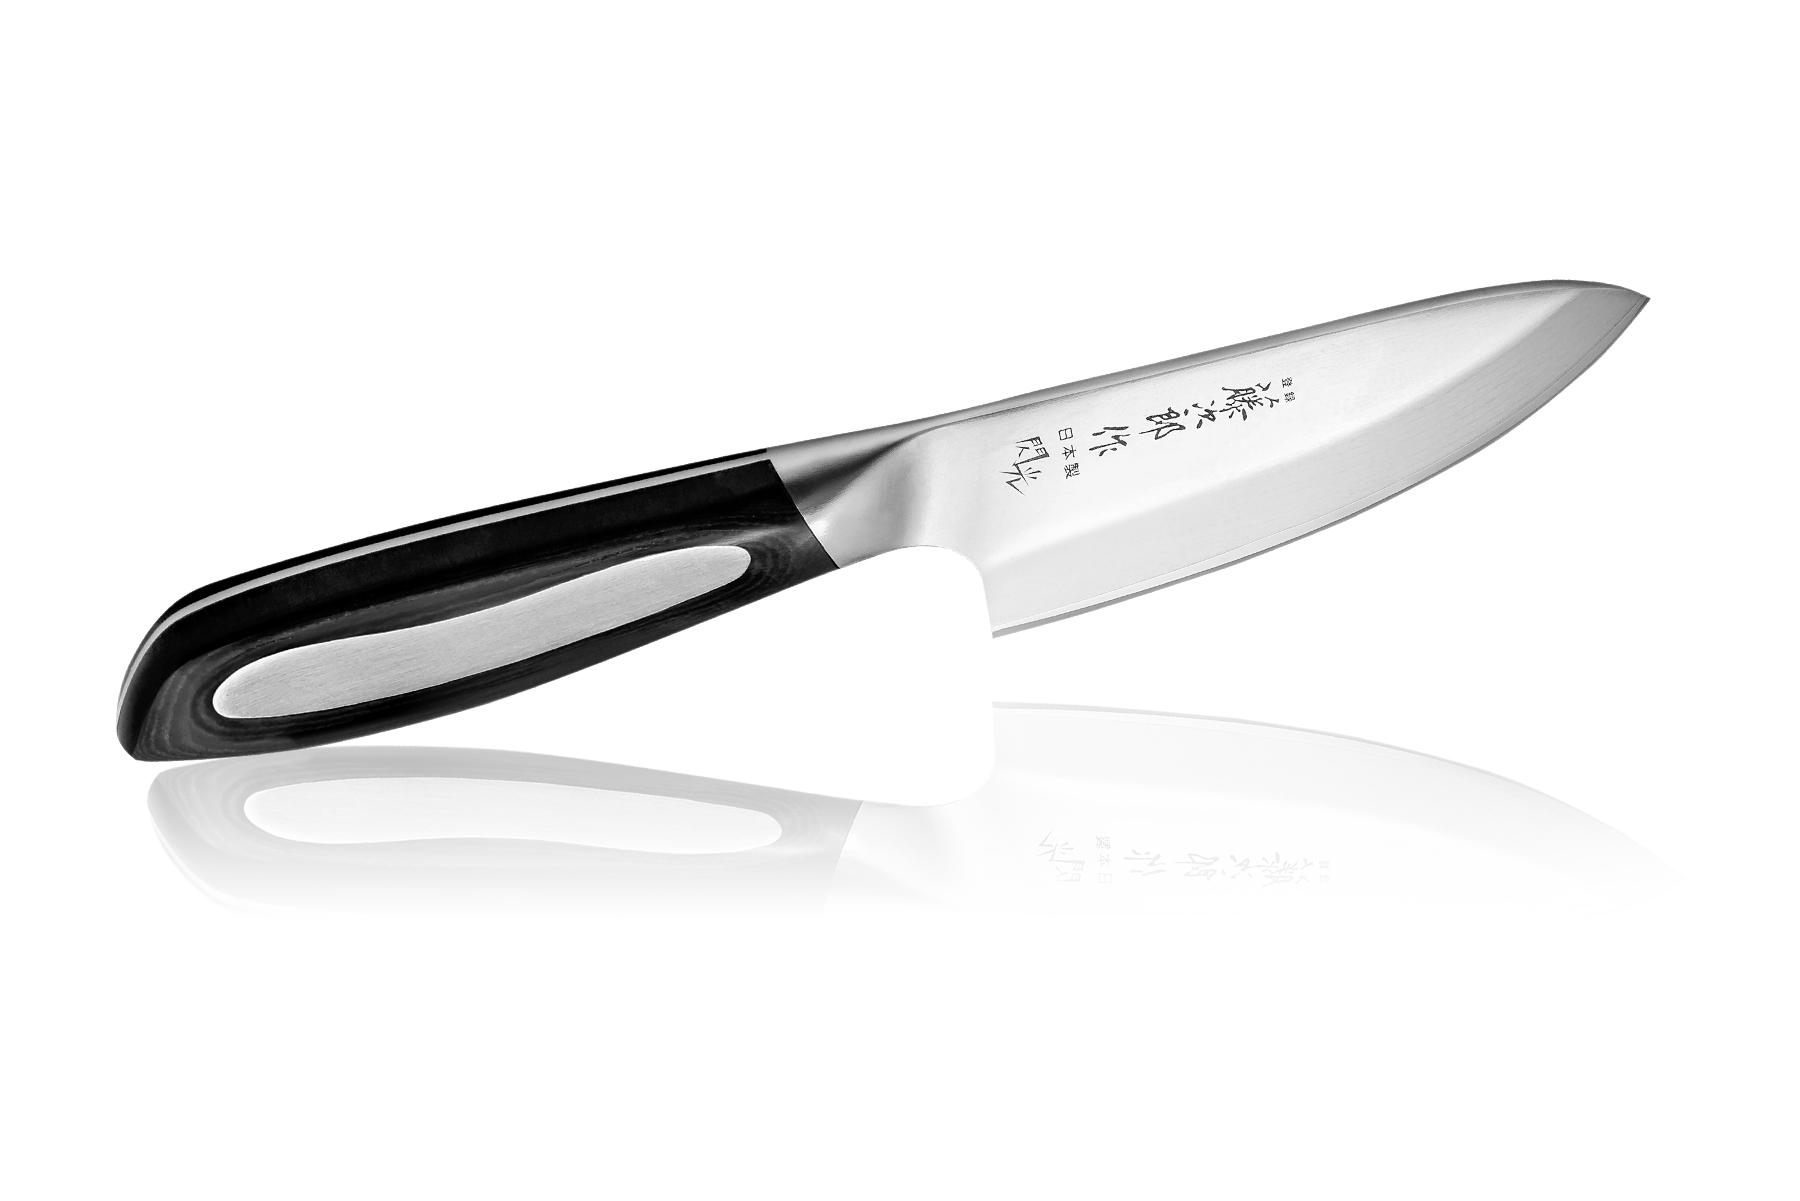 Нож кухонный стальной Деба (105мм) Tojiro Flash Damascus FF-DE105Tojiro Flash Damascus<br>Нож кухонный стальной Деба (105мм) Tojiro Flash Damascus FF-DE105<br><br><br>Премиум серия ножей Tojiro Flash Damascus изначально была выпущена эксклюзивно для экспорта за границу Японии.<br>Ножи серии Tojiro Flash Damascus отличает высокая эргономичность рукоятей и клинки, изготовленные с использованием технологии Damascus DP. Рукояти ножей серии Tojiro Flash Damascus изготовлены с использованием материала Micarta. Этот материал используется при изготовлении туристических и охотничьих ножей, ножей, которые должны выдерживать экстремальные нагрузки при эксплуатации в неблагоприятных условиях. Стальные накладки рукояти приварены к хвостовику и окружены Micarta. Технология производства таких рукоятей требует повышенных временных и трудозатрат.<br>Сталь придает рукоятям ножей серии Tojiro Flash Damascus должный вес, а Micarta обеспечивает неповторимый комфорт при работе этими ножами. Клинки ножей серии Tojiro Flash Damascus изготовлены из стали VG-10, разработанной специально для производства ножей. Режущий слой закален до 61HRC. Более мягкие обкладки из дамаска предохраняют клинки от поломки, позволяя закалить режущий слой на максимальную твердость. Дамаск придает клинкам ножей серии Tojiro Flash Damascus неповторимый колорит. Клинки заточены до невероятной остроты, финишная заточка производится на японских водных камнях зернистостью #10 000. Это обеспечивает клинкам ножей серии Tojiro Flash Damascus несравненный рез и долгое сохранение высокой остроты.<br>Официальный сертифицированный продавец TOJIRO<br>